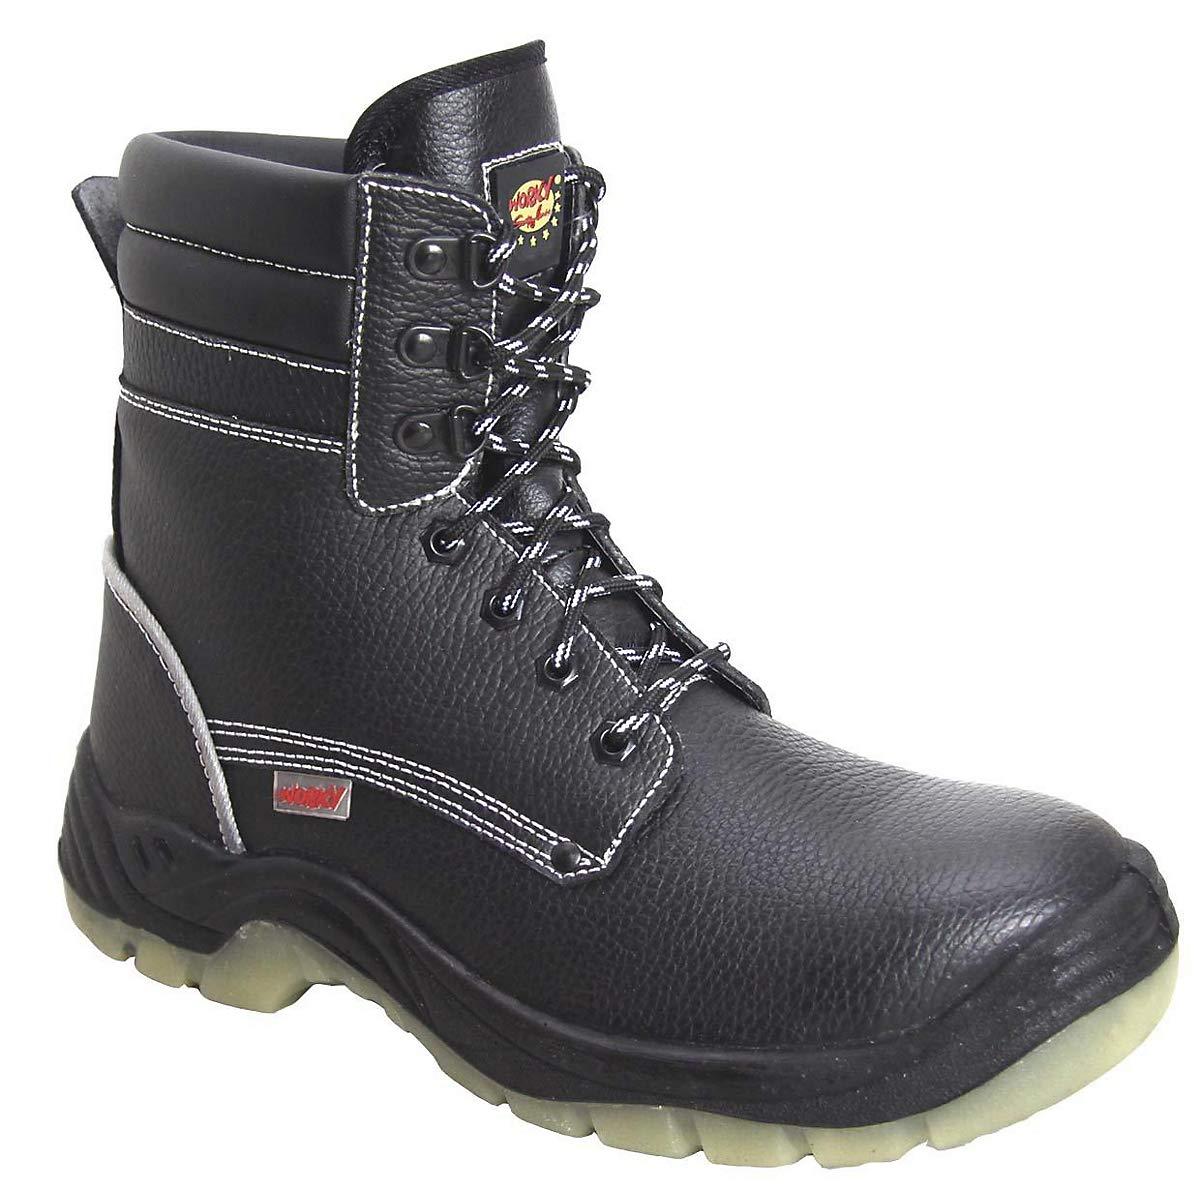 Worky Safety Line 2432 Brixen en ISO 20345  2004 A1 Color 2007 Invierno S3 botas de seguridad Talla 39